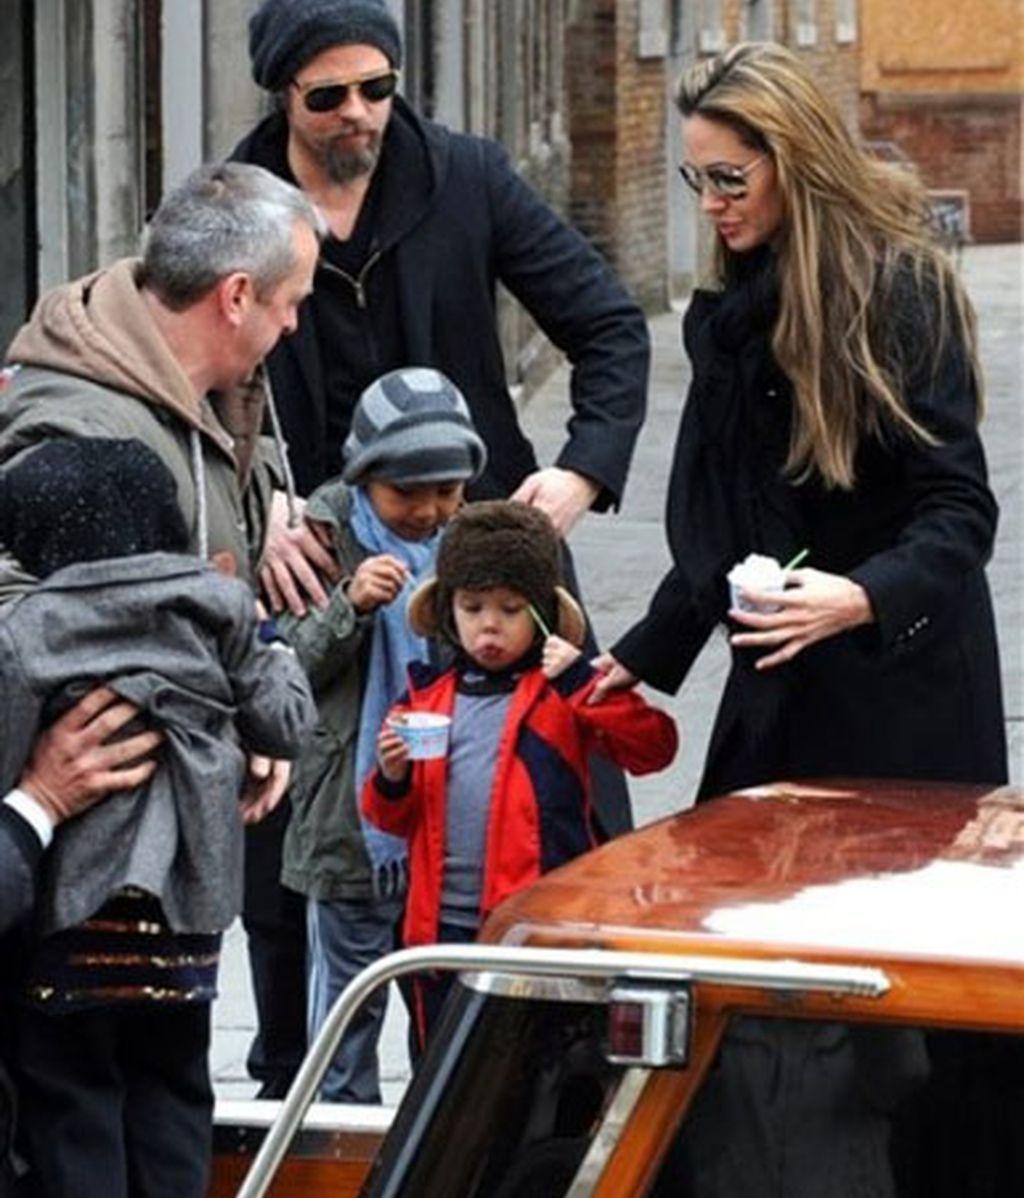 La familia 'Brangelina', en Venecia